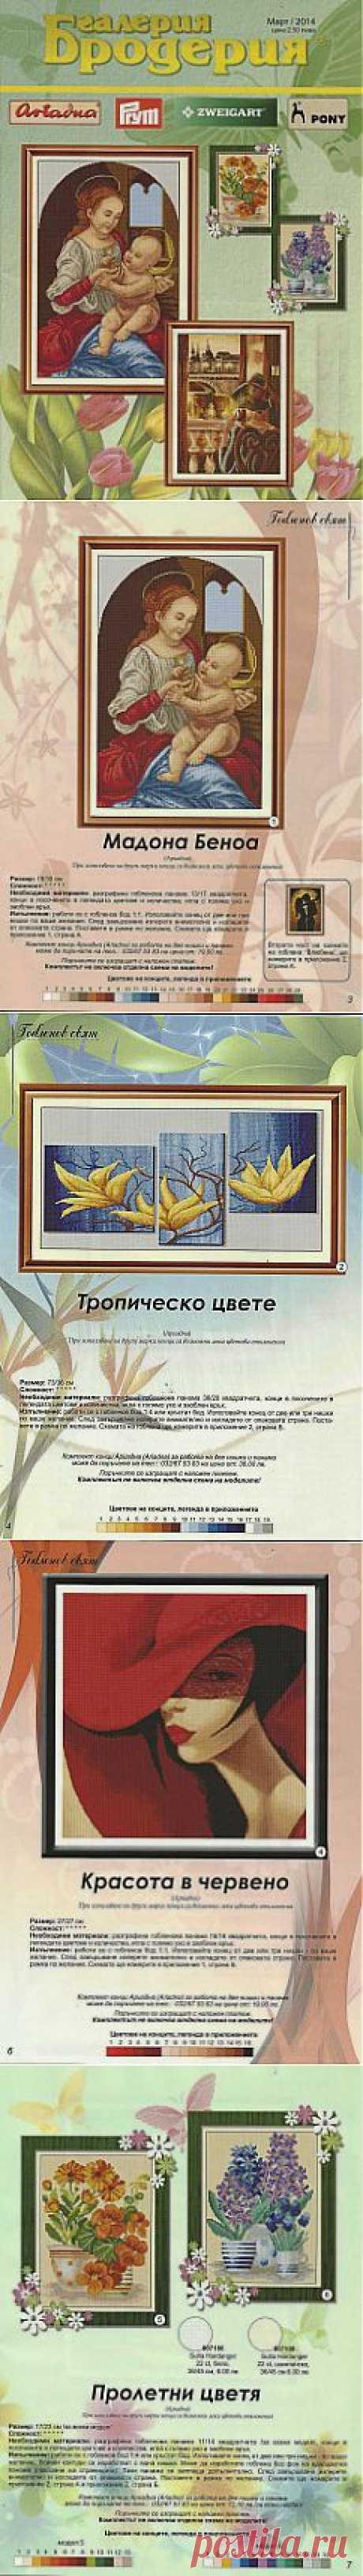 Галерия Бродерия №2 2014.